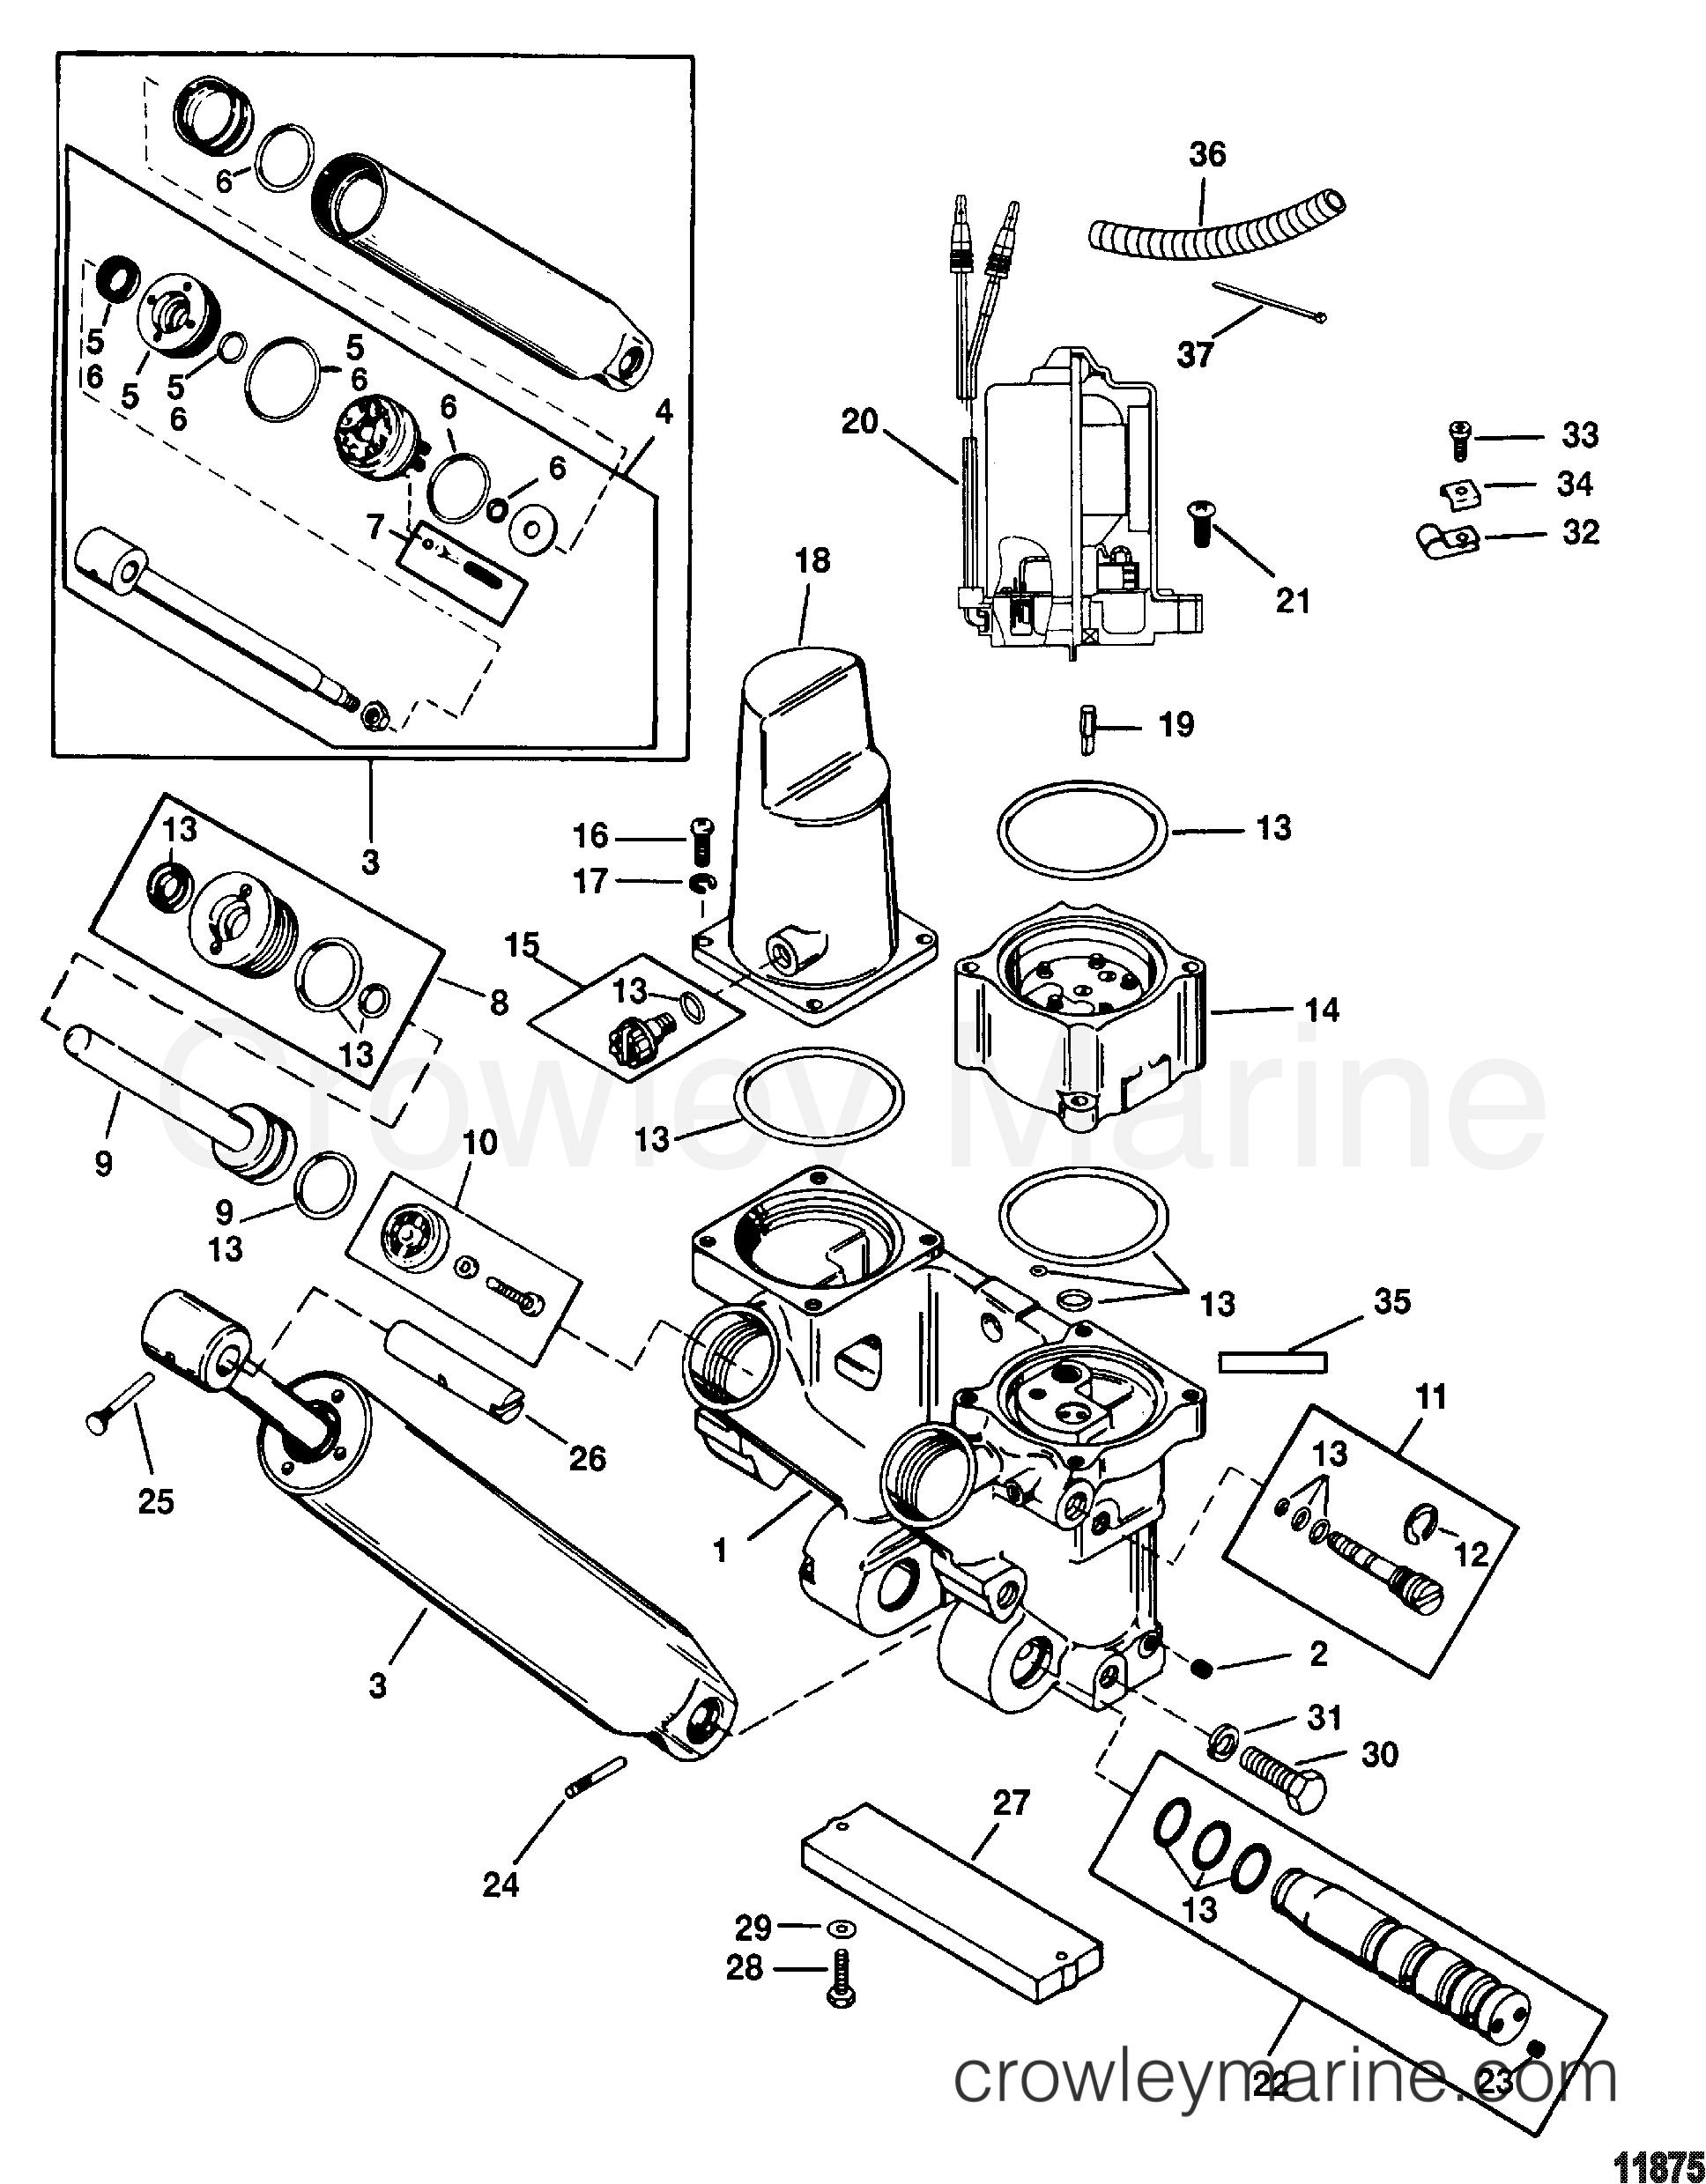 power trim components removable pump housing